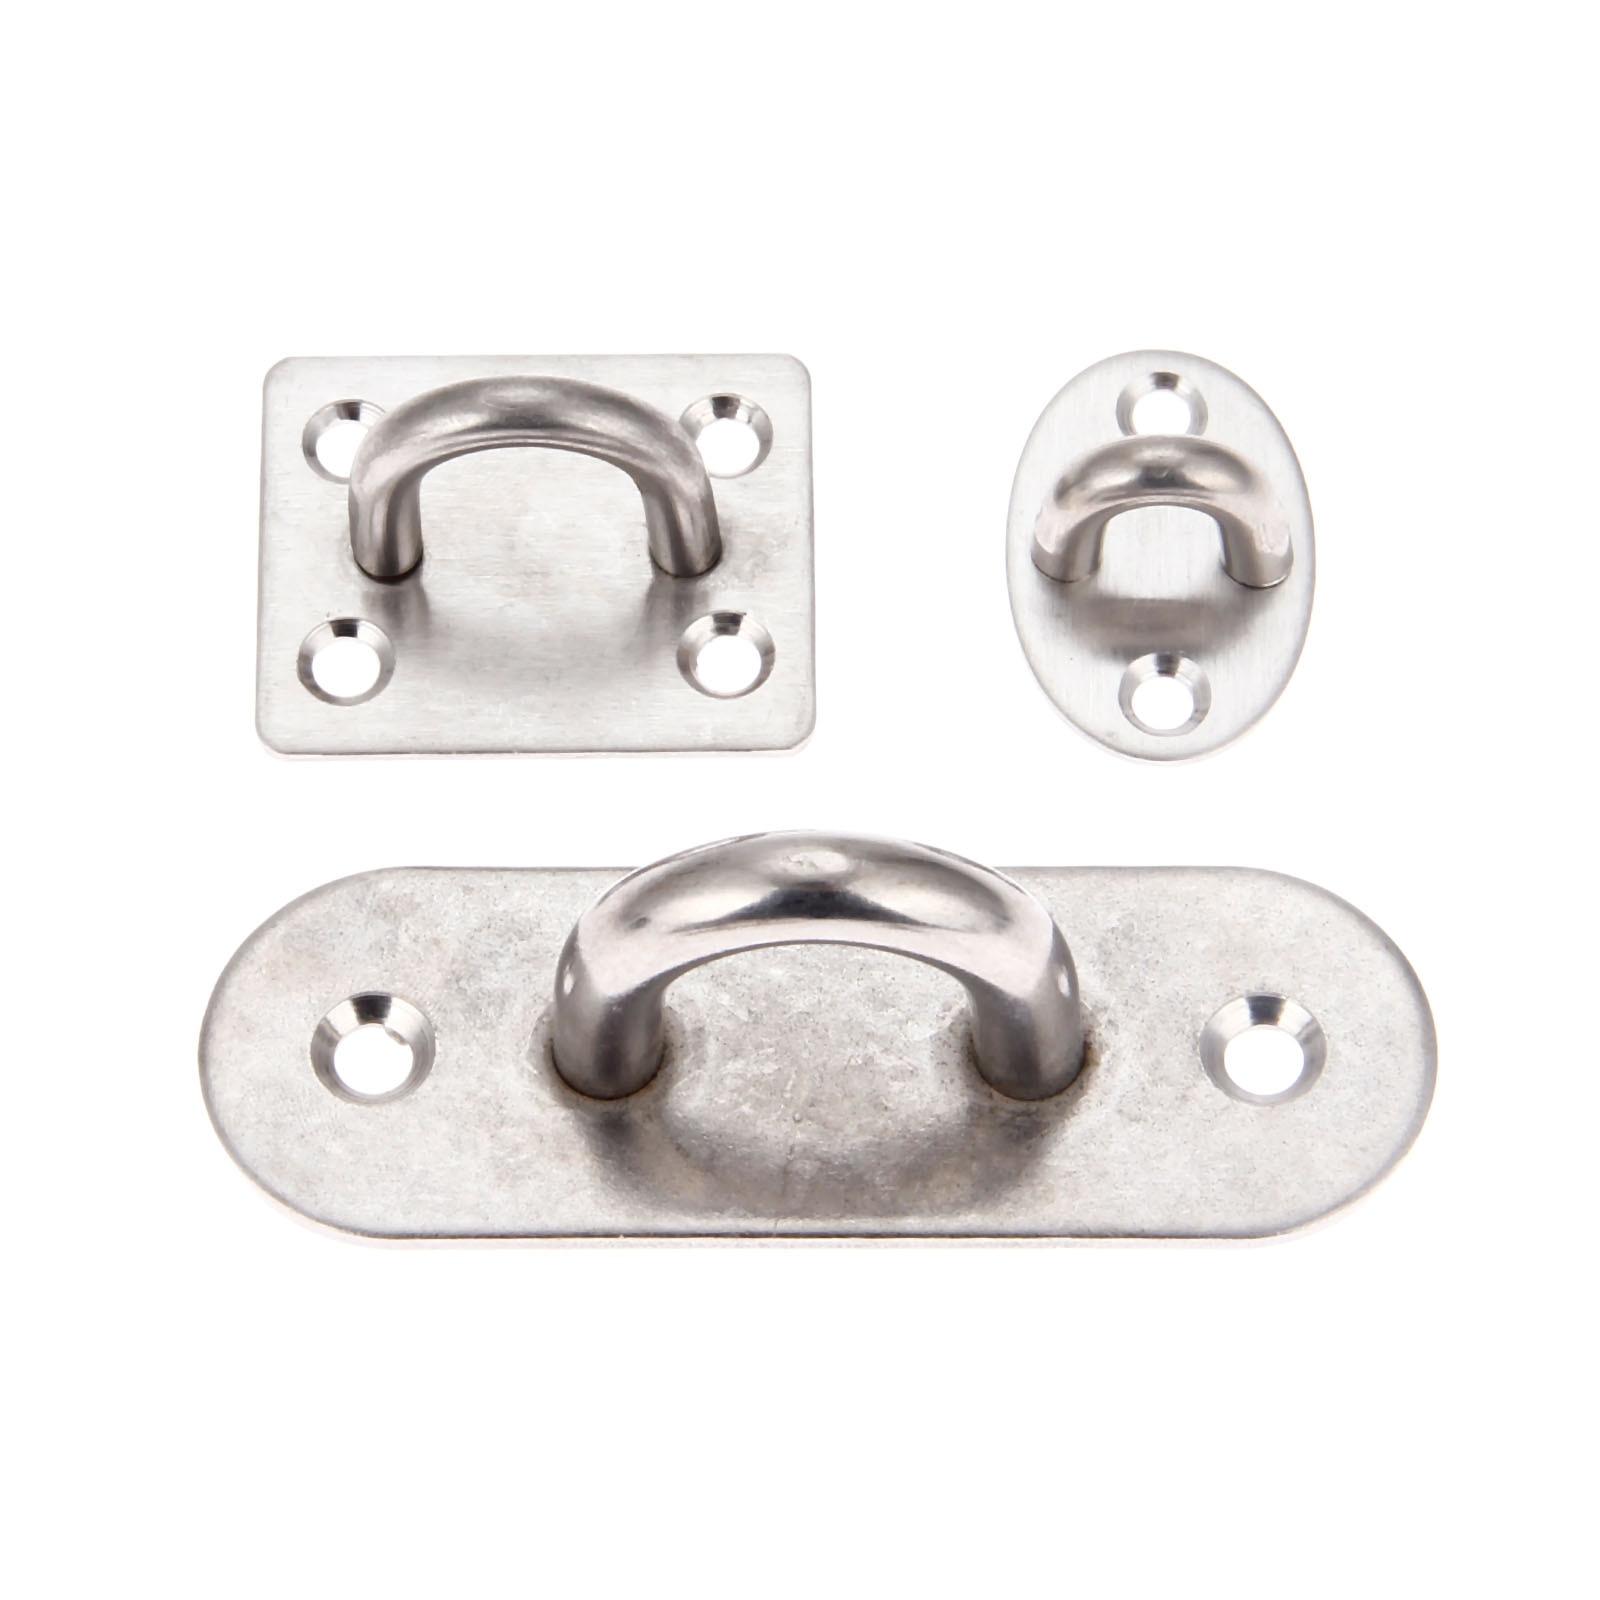 6 Piezas 5 mm de Placa de Ojo de Acero Inoxidable Almohadilla Oblonga Placa de Ojo de Almohadilla Anilla de Grapas de Metal Ferreter/ía de Gancho